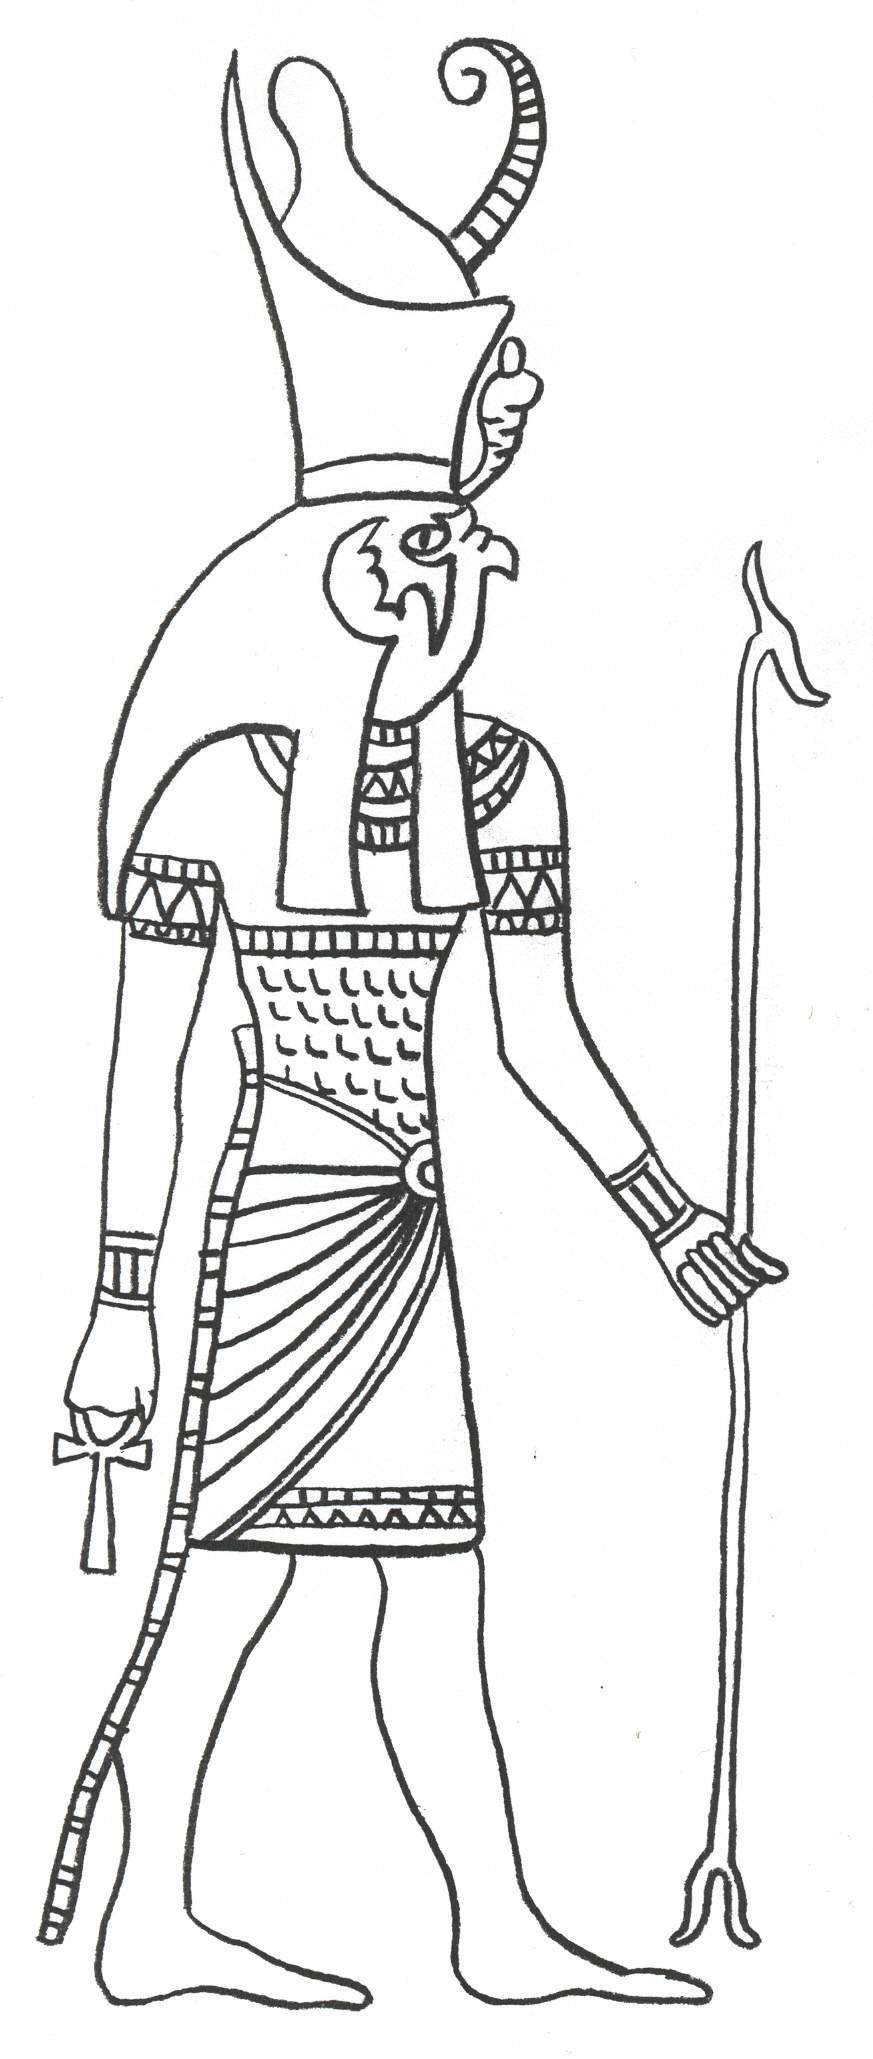 http://www.boiseartmuseum.org/education/egyptian/Horus.jpg